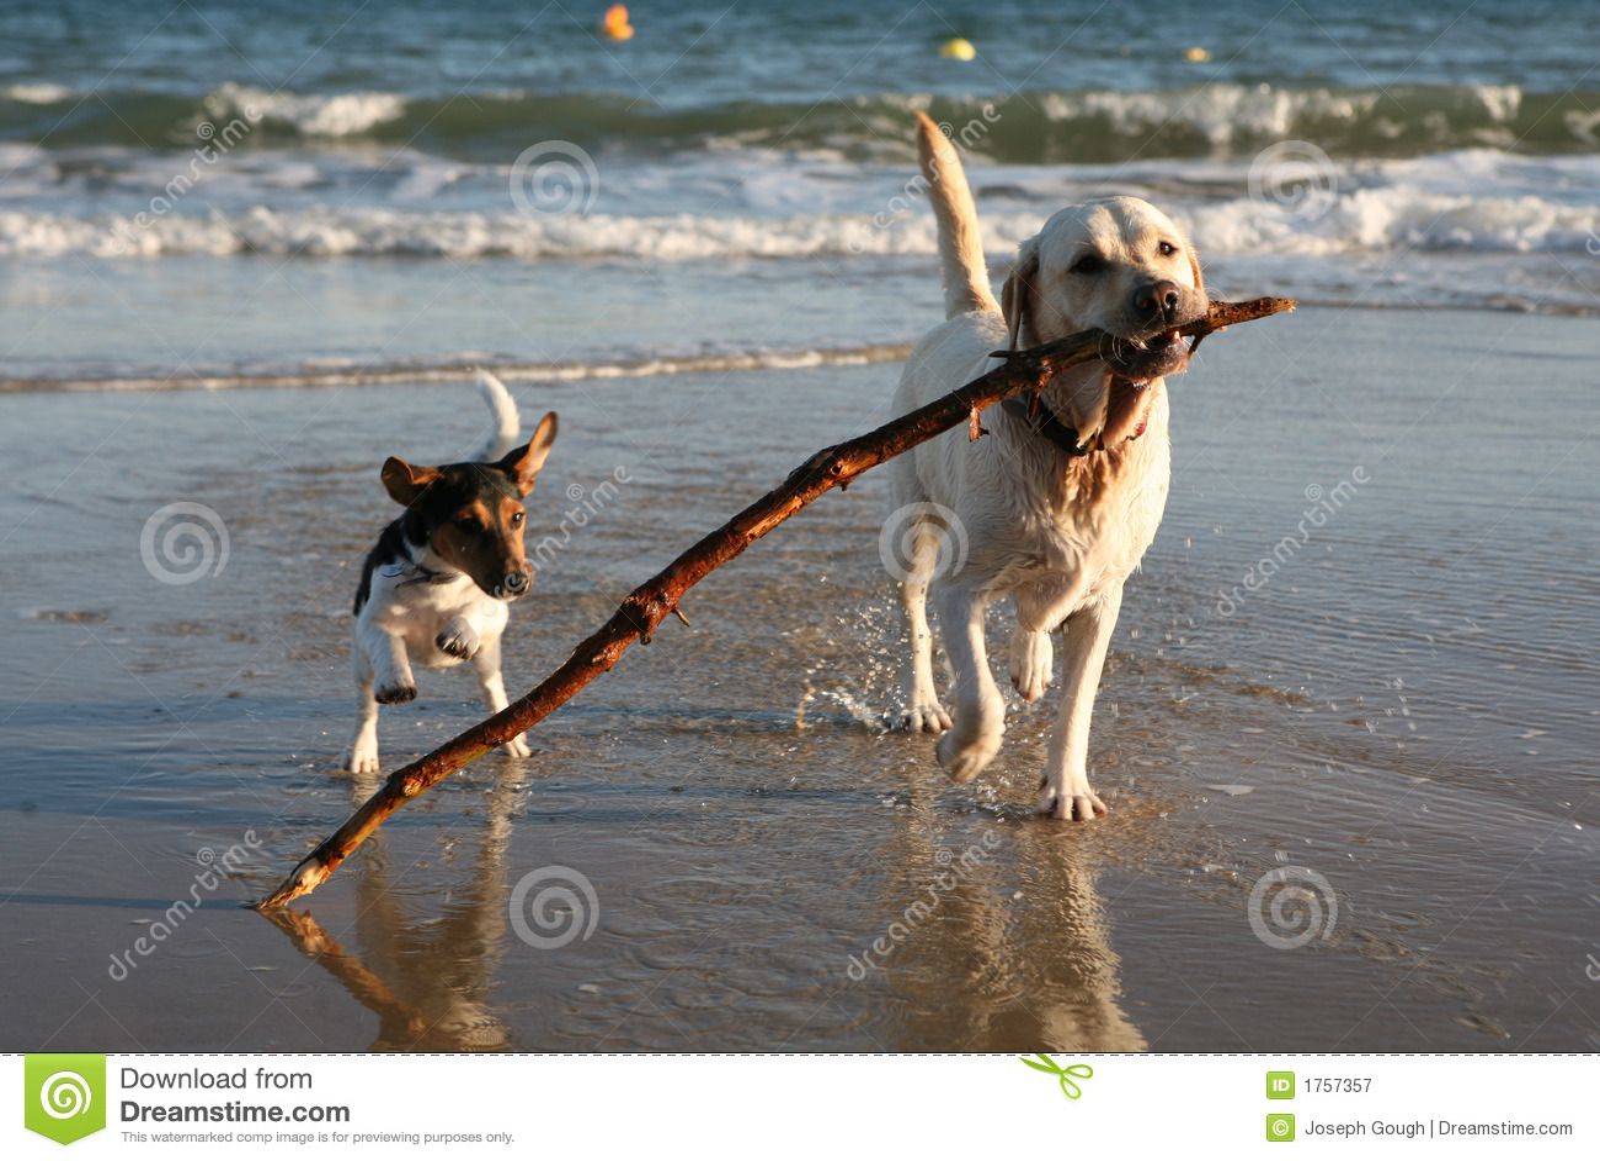 Spielerischer Hundestrand-Steuerknüppel